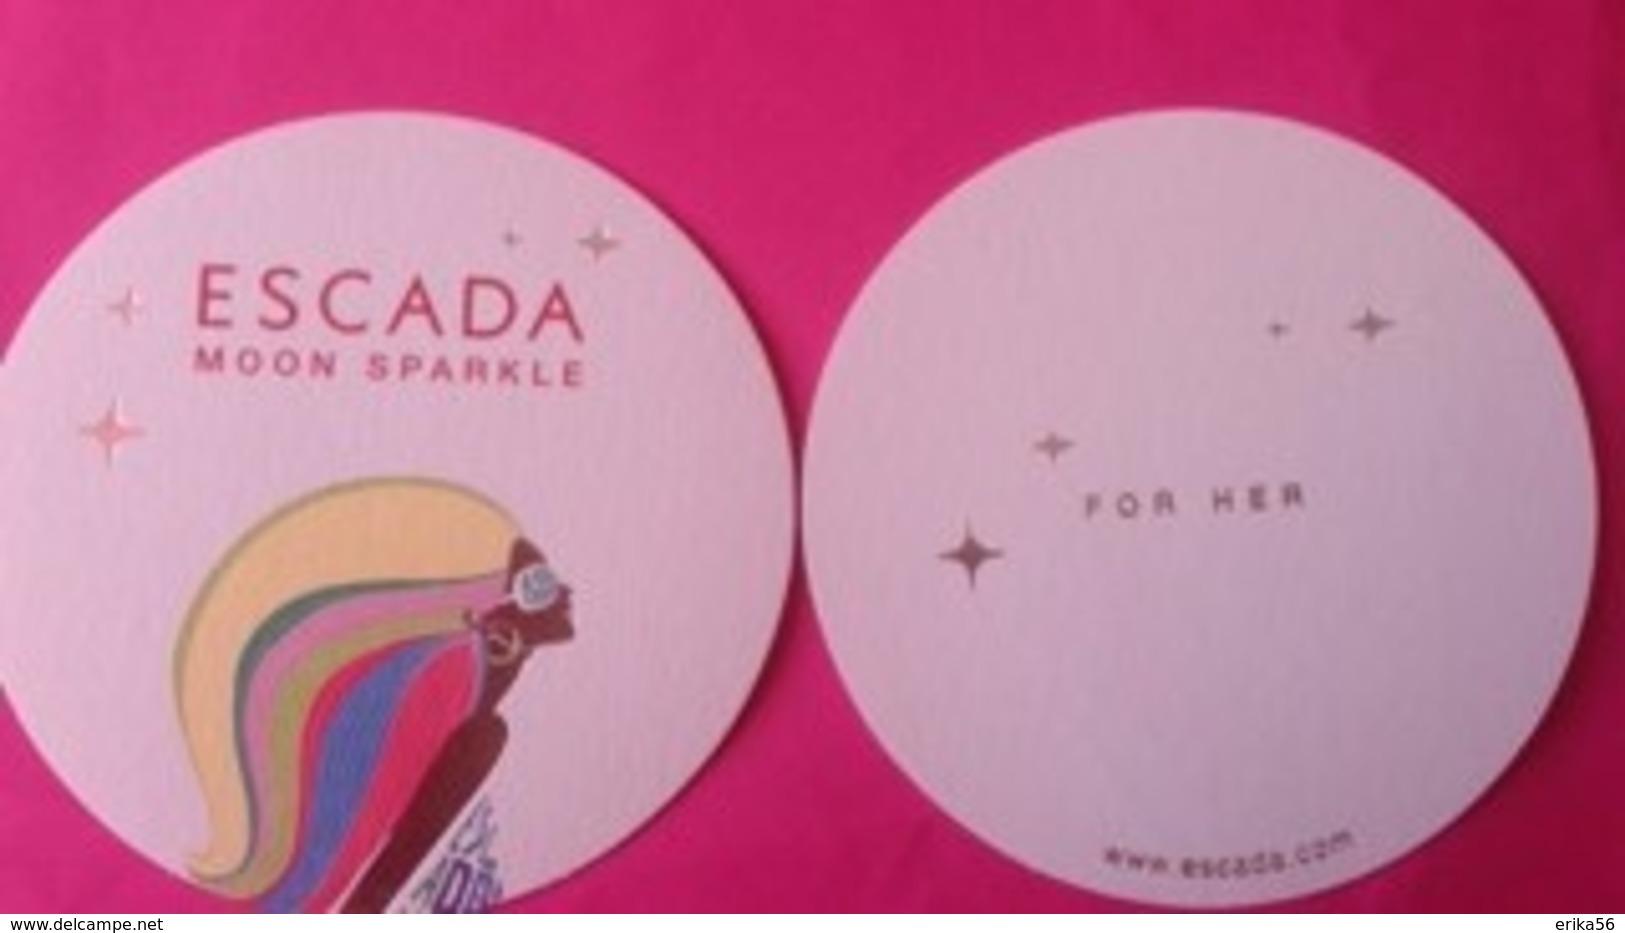 MOON SPARKLE  ESCADA  2 Cartes - Perfume Cards